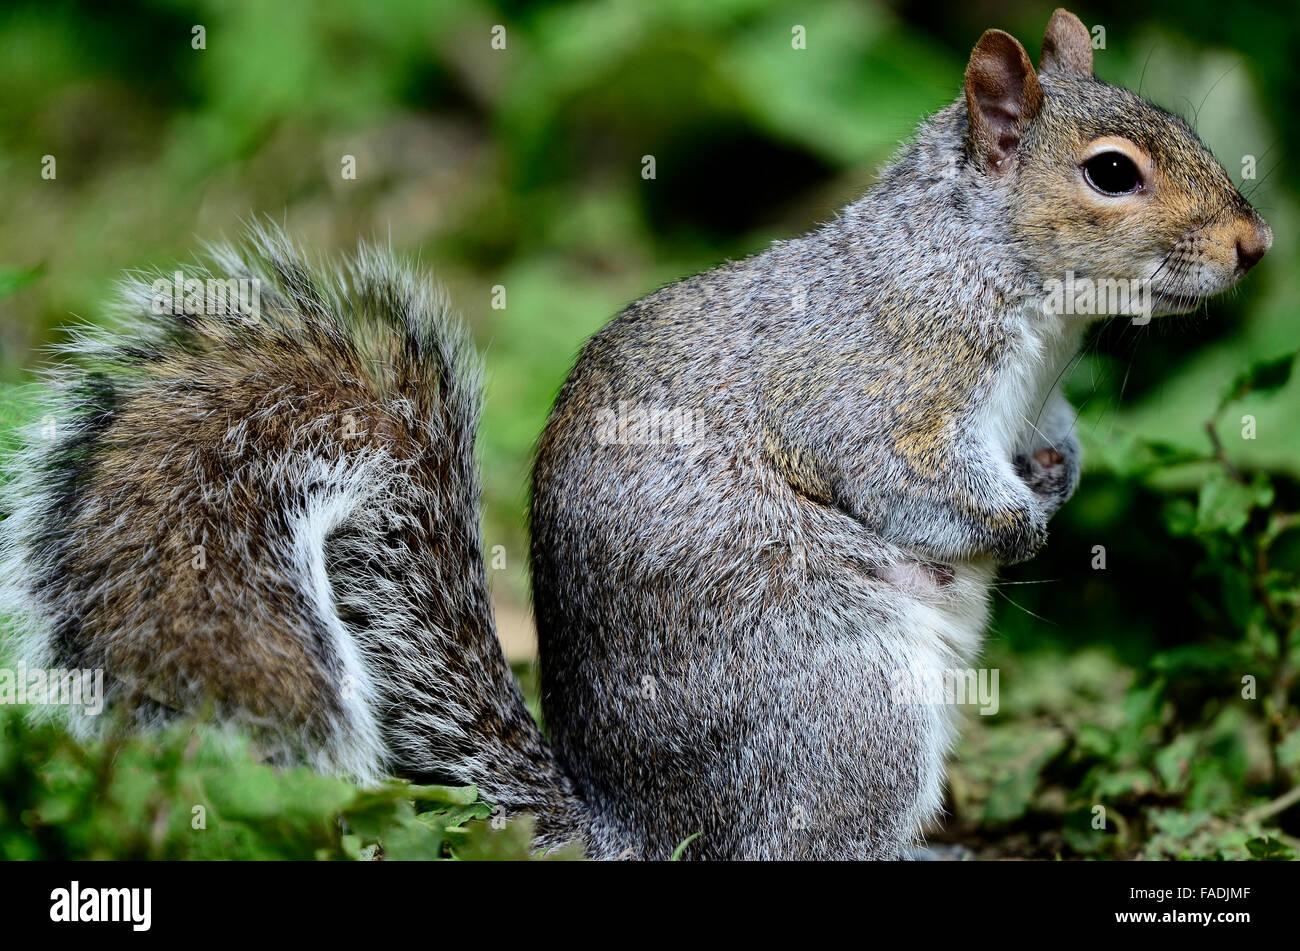 Écureuil gris assis. UK Banque D'Images